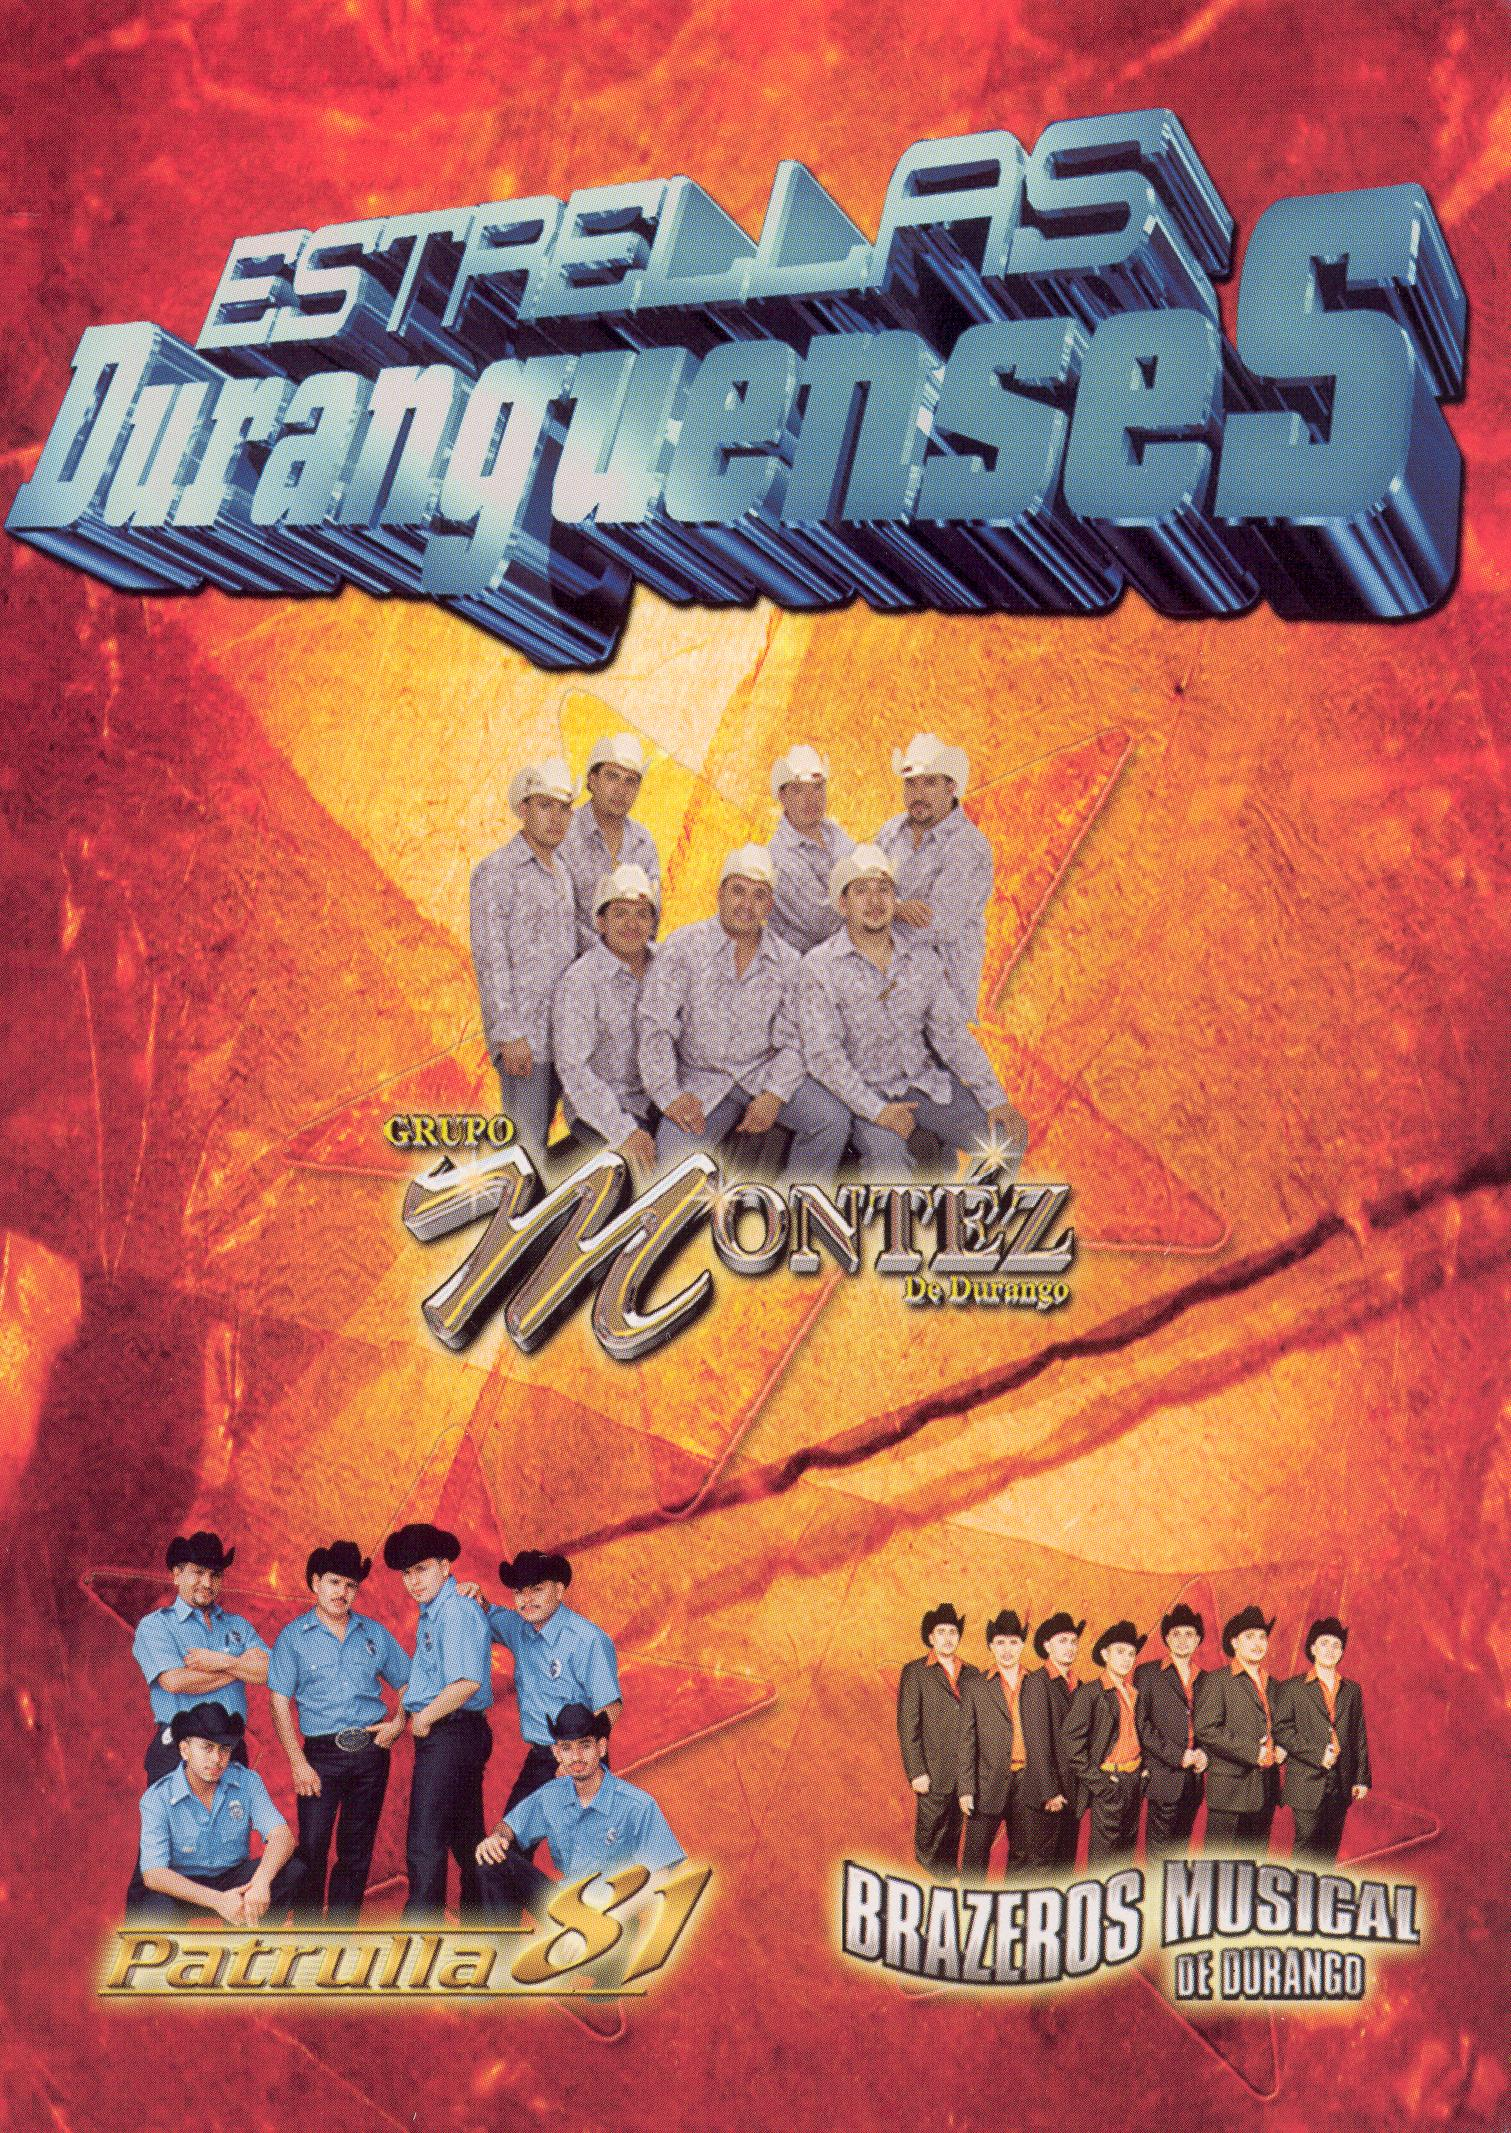 Grupo Montez de Durango/Patrulla 81/Brazeros Musical de Durango: Estrellas Duranguenses